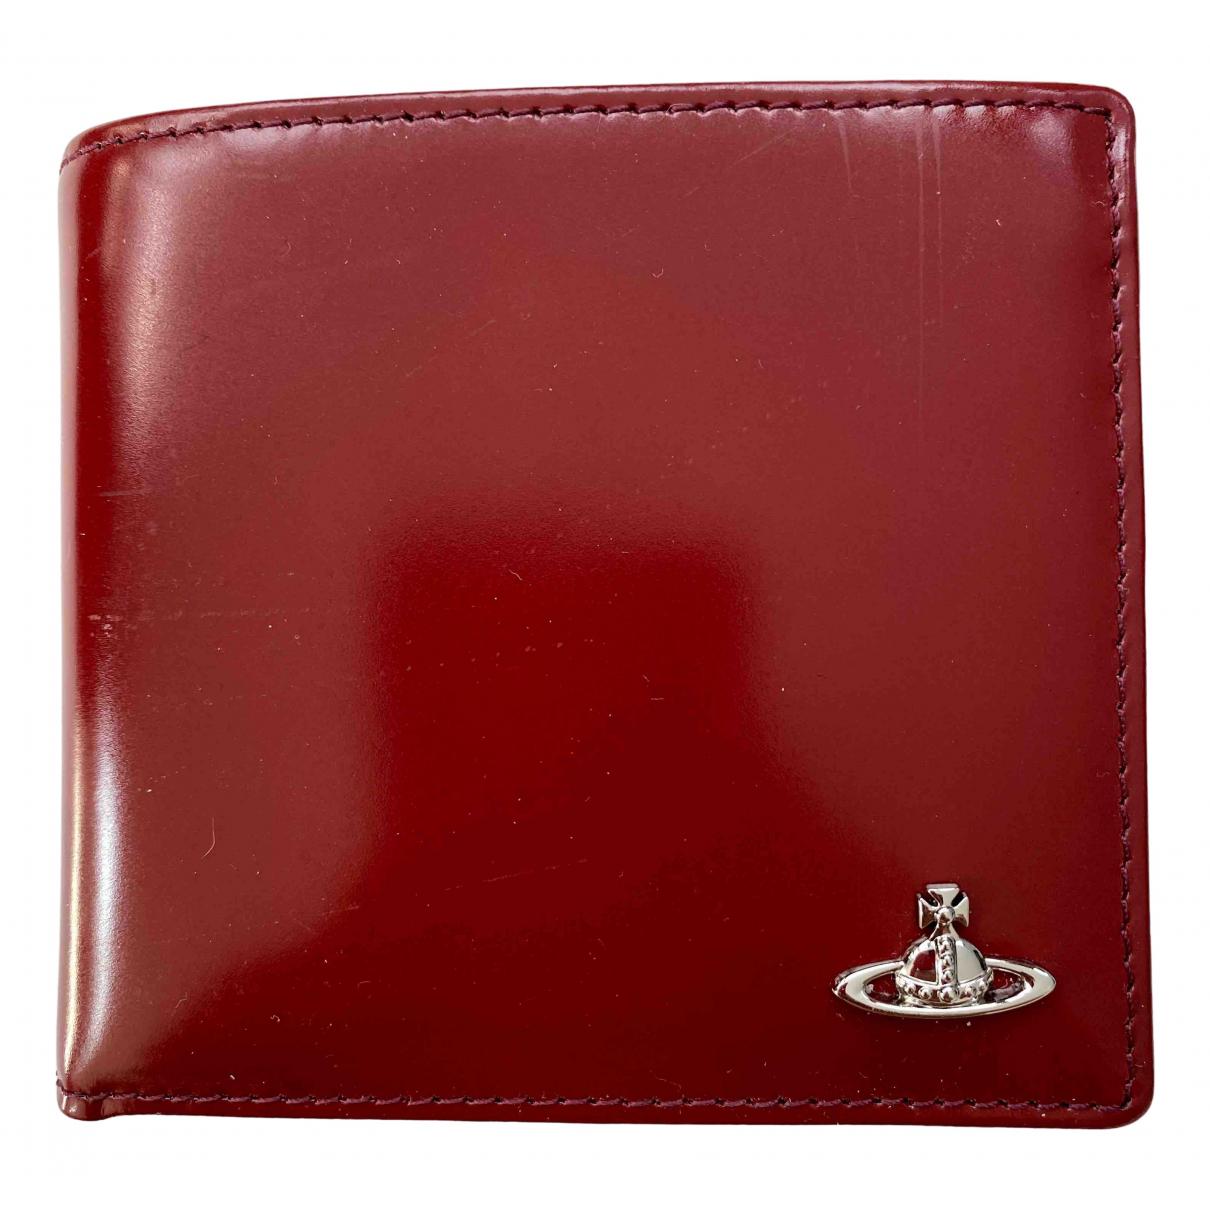 Vivienne Westwood \N Kleinlederwaren in  Rot Leder